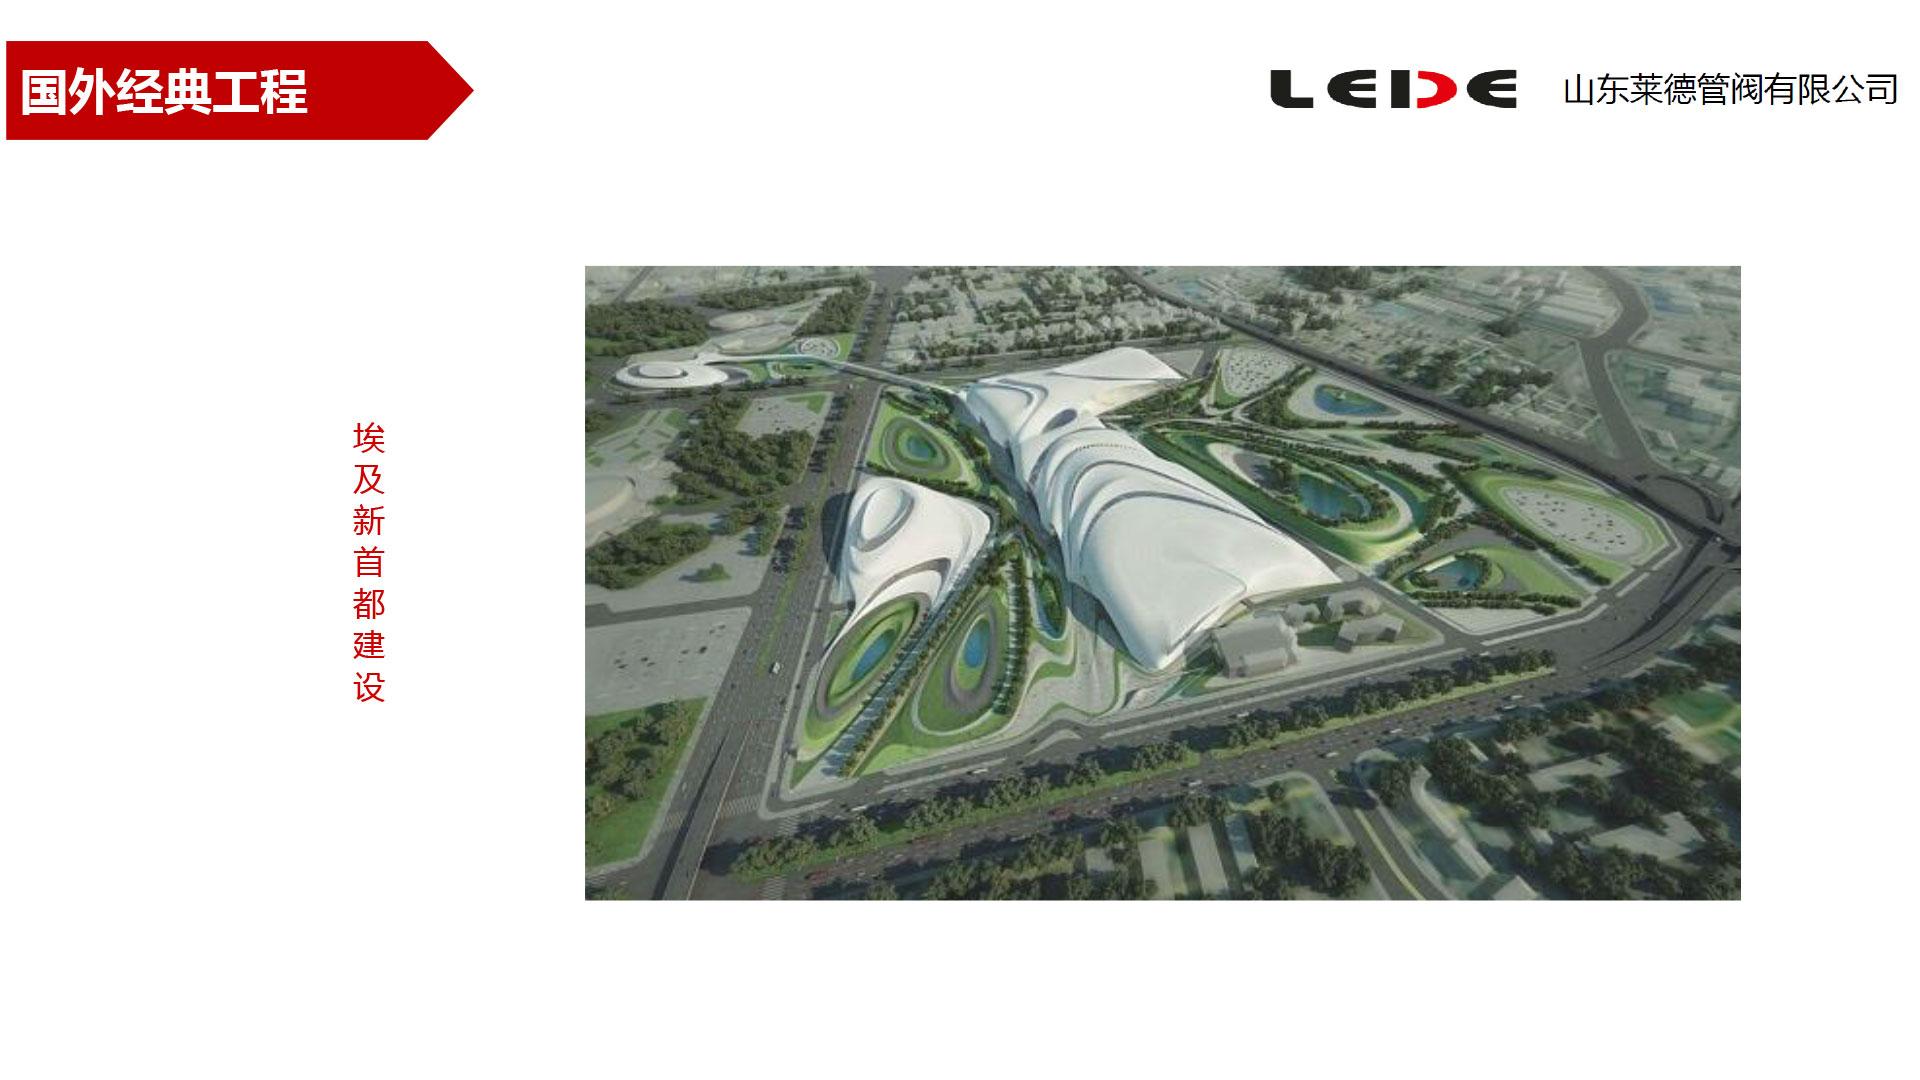 埃及新首都建设